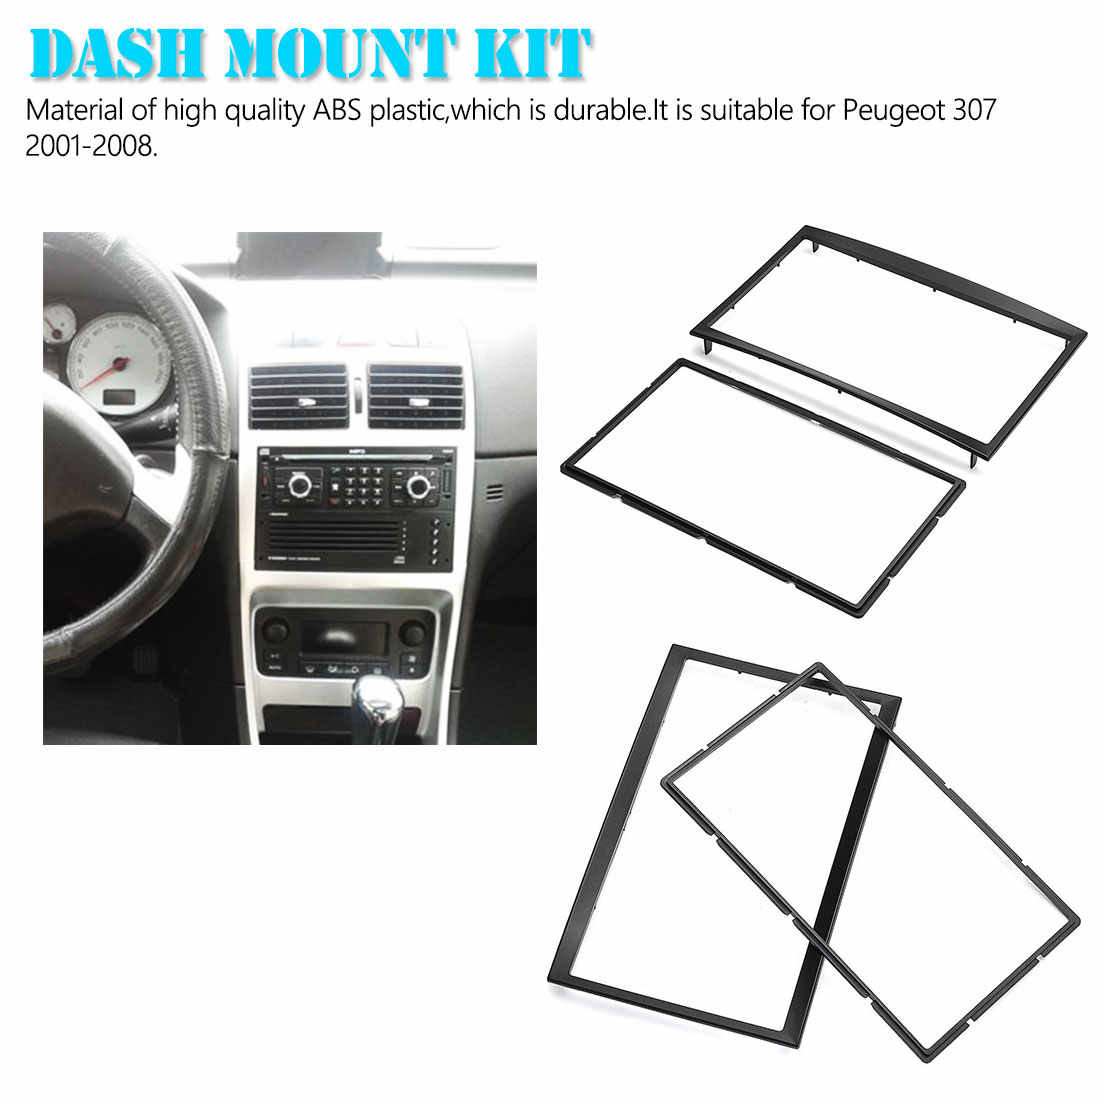 車の自動車 2 Din CD トリムダッシュマウントキットステレオラジオ筋膜ダッシュボードパネルプレートフレーム用プジョー 307 2001-2008